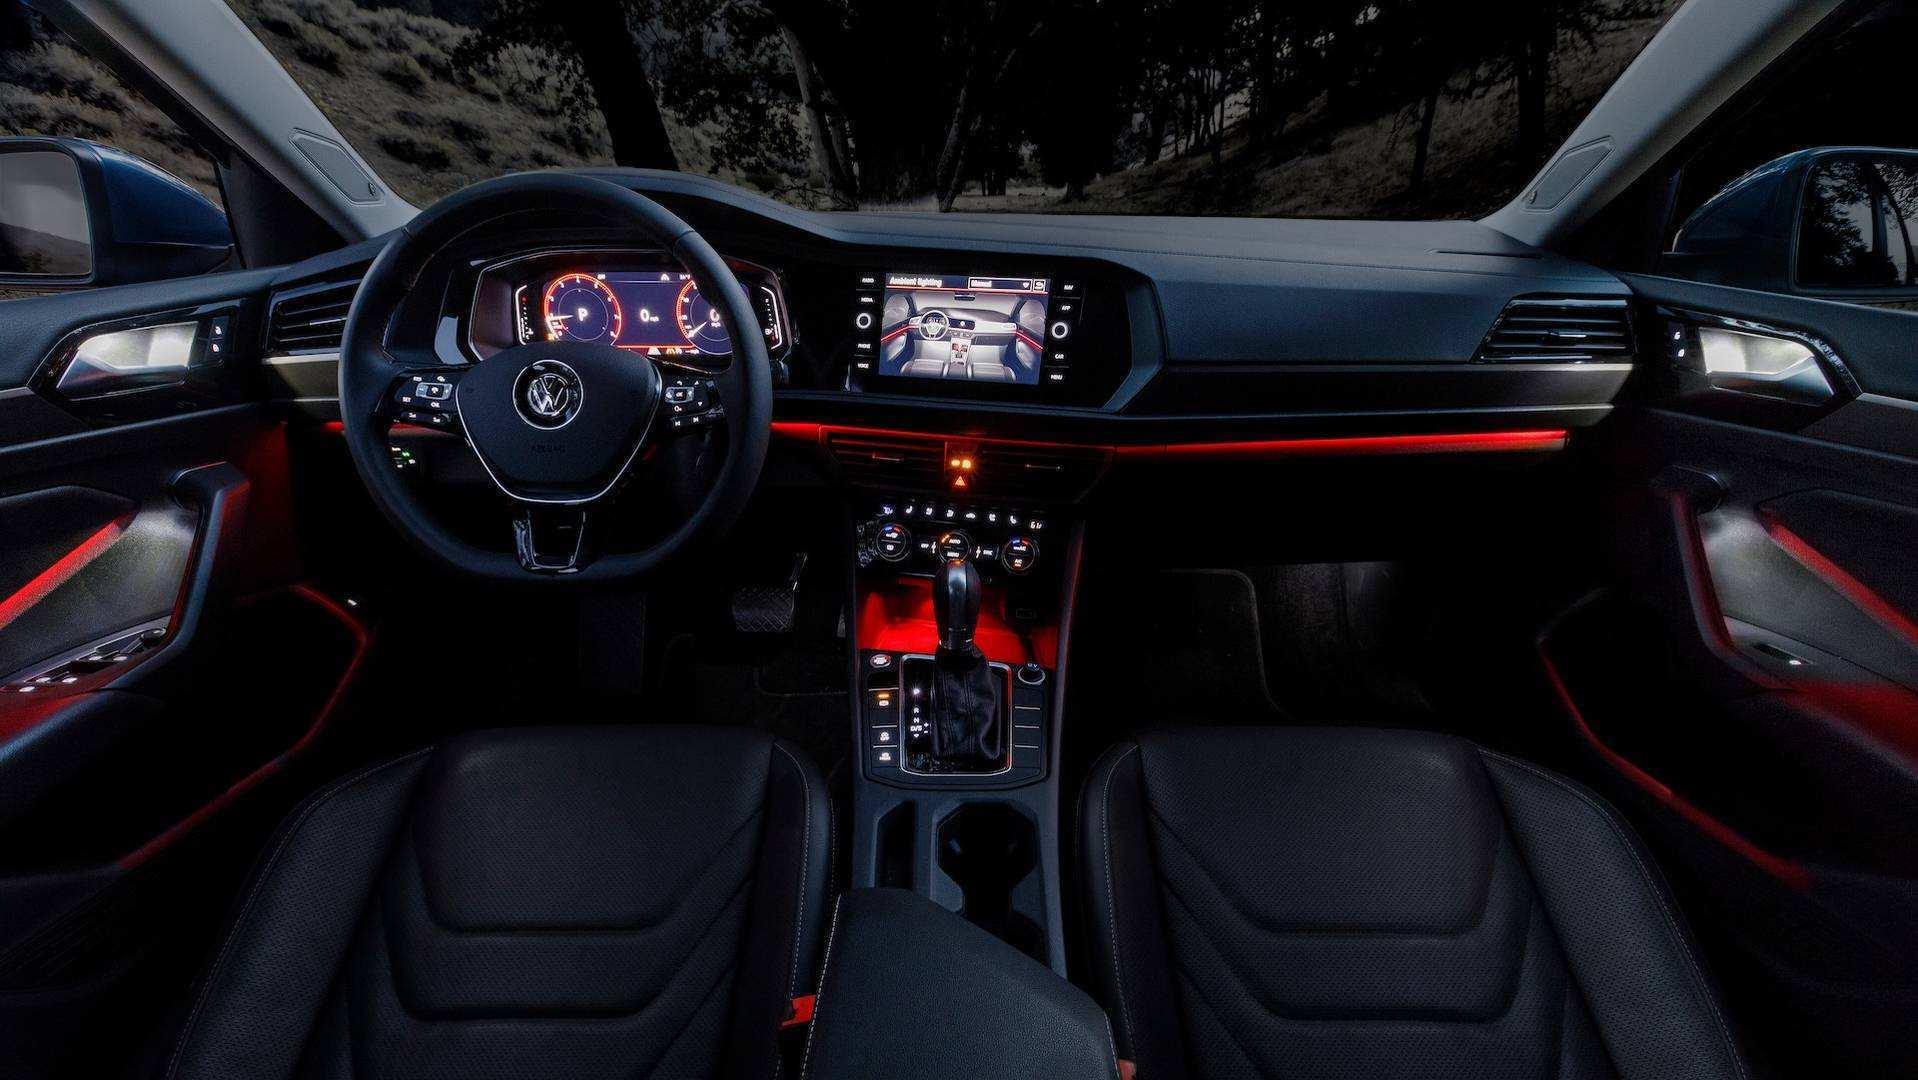 63 Concept of 2020 Volkswagen Jetta History with 2020 Volkswagen Jetta